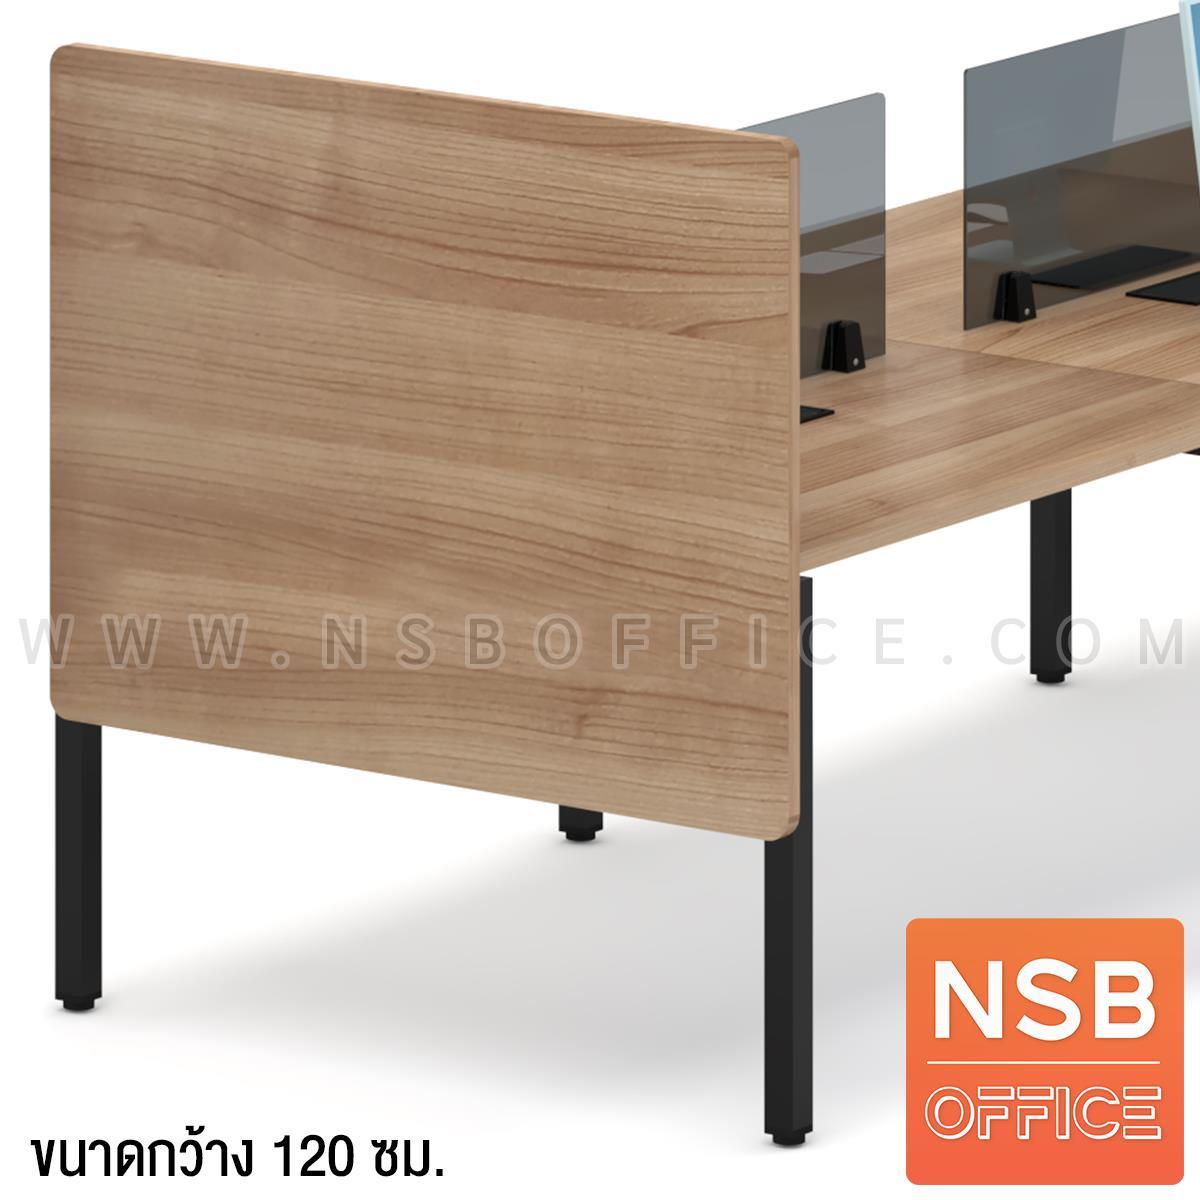 P04A053:พาร์ทิชั่นไม้กั้นด้านข้างสำหรับหัวโต๊ะ รุ่น Ringo (ริงโก) ขนาด 120W, 150W cm.